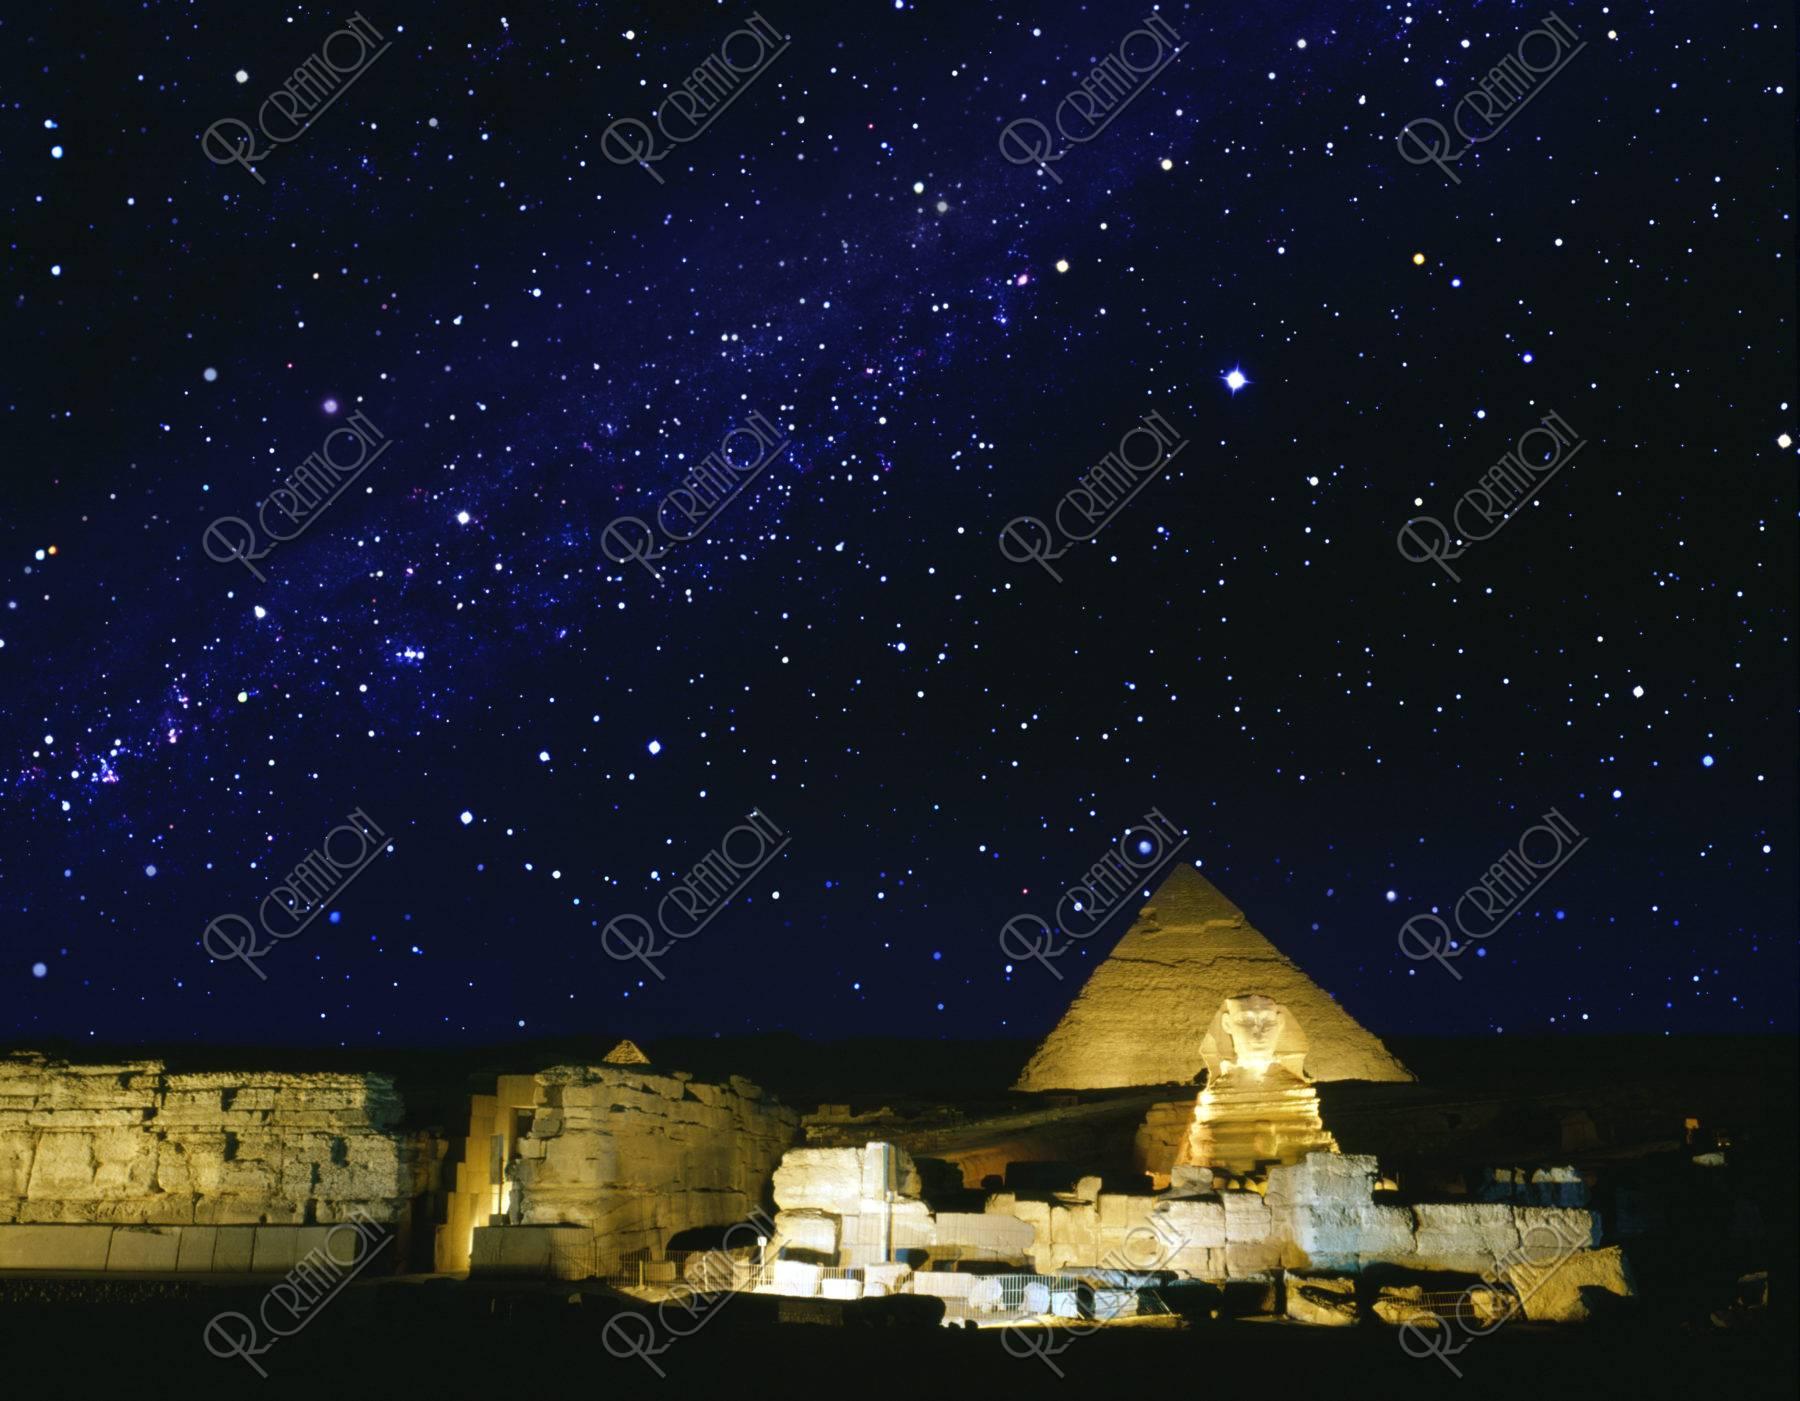 ピラミッド スフィンクス 世界遺産 夜景 合成